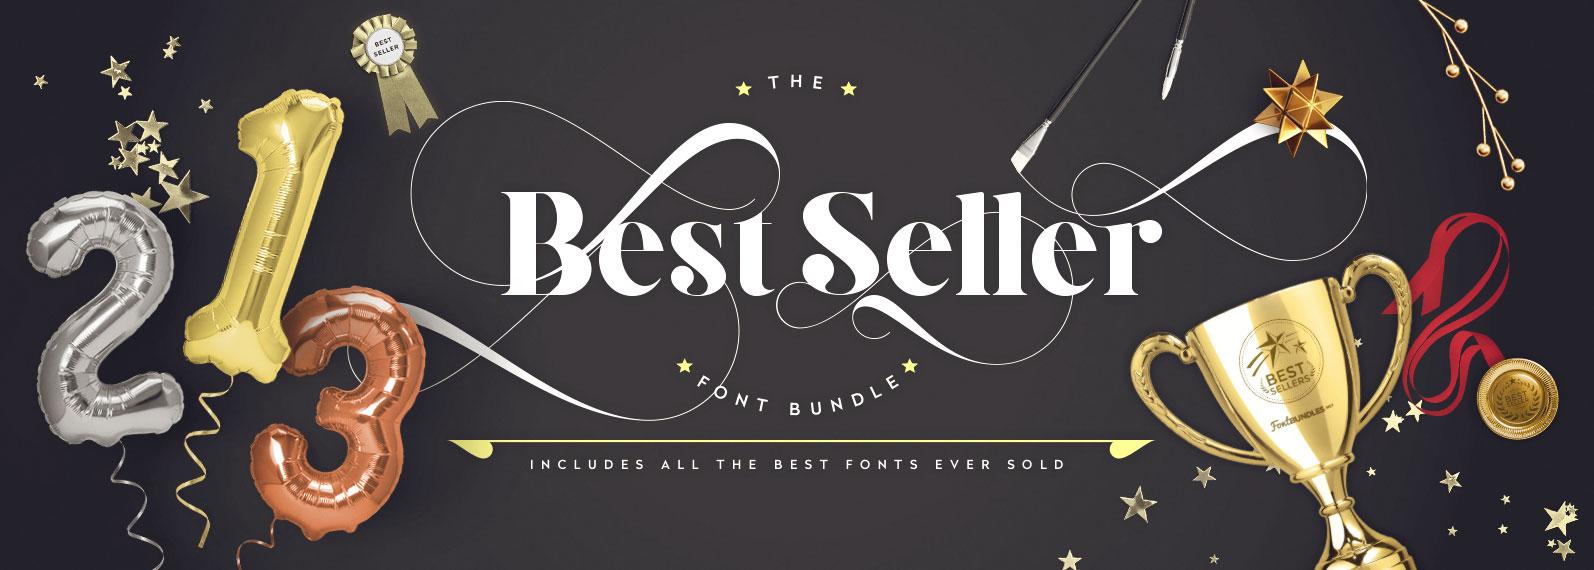 Best Seller Font Bundle Cover